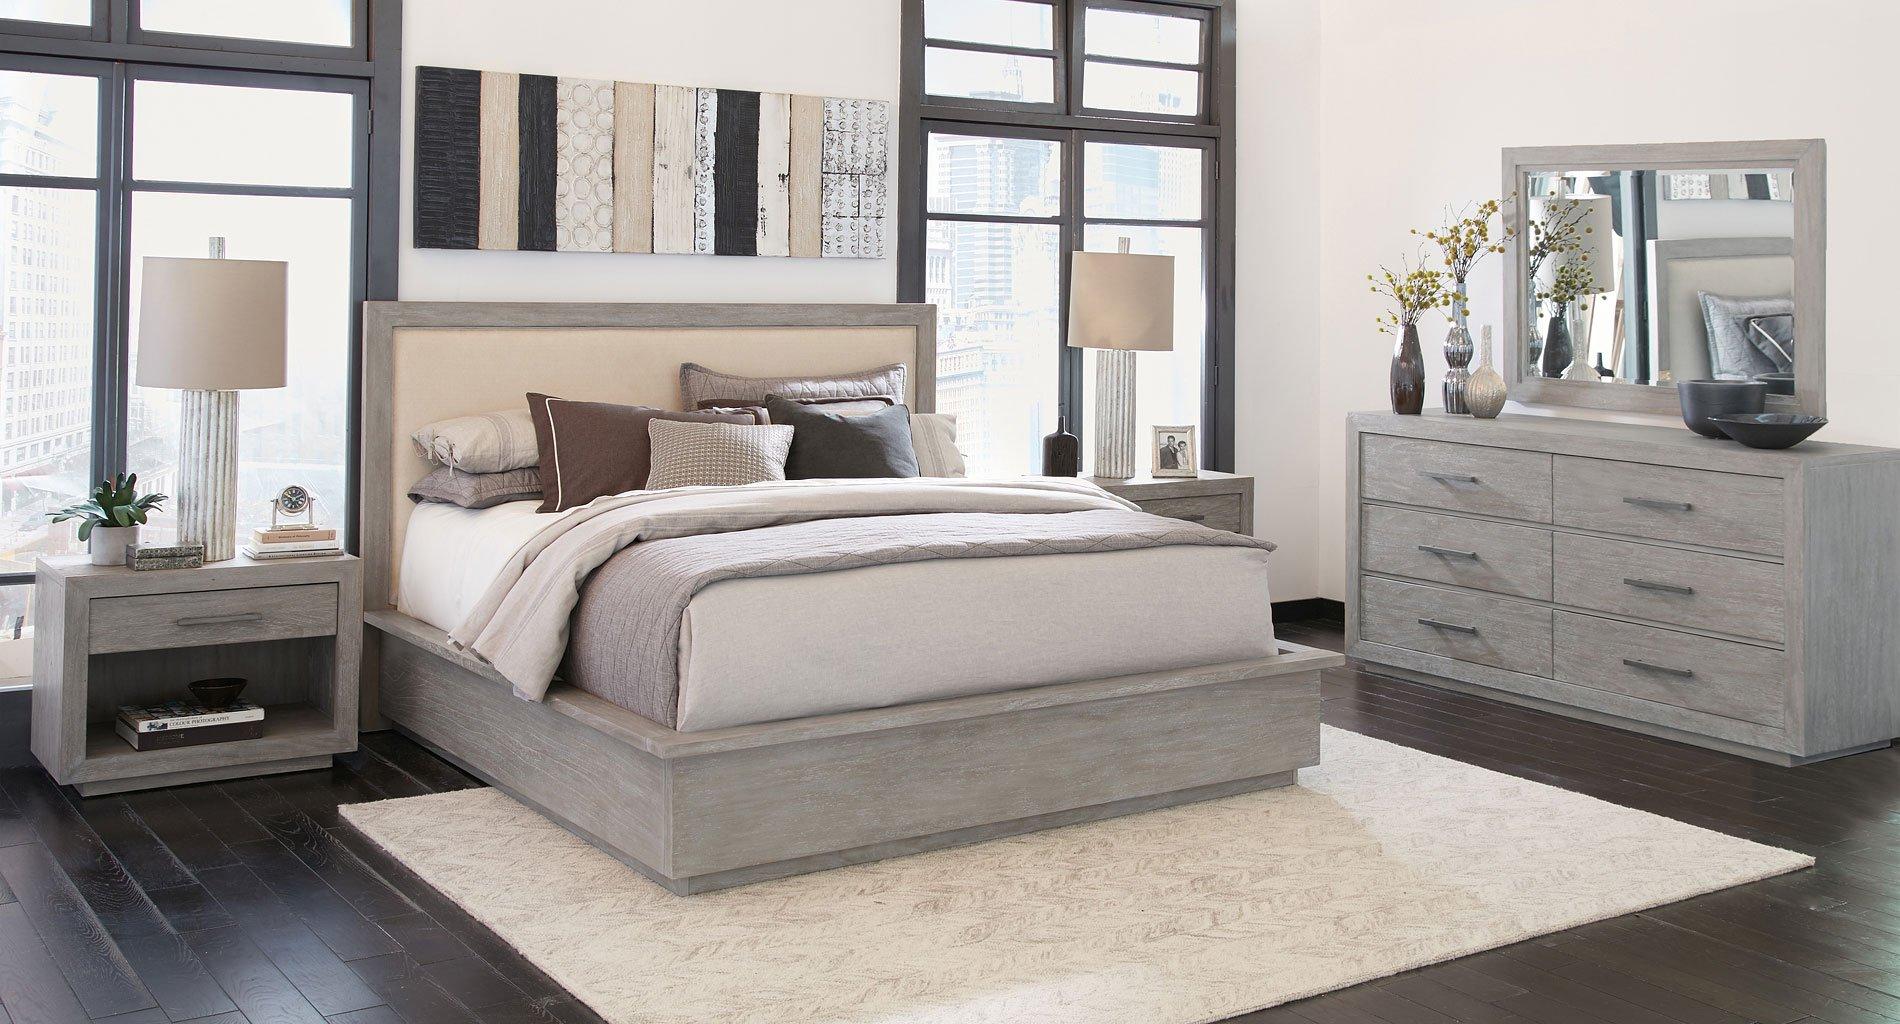 Berkeley heights bedroom set hekman furniture cart for Bedroom furniture berkeley ca